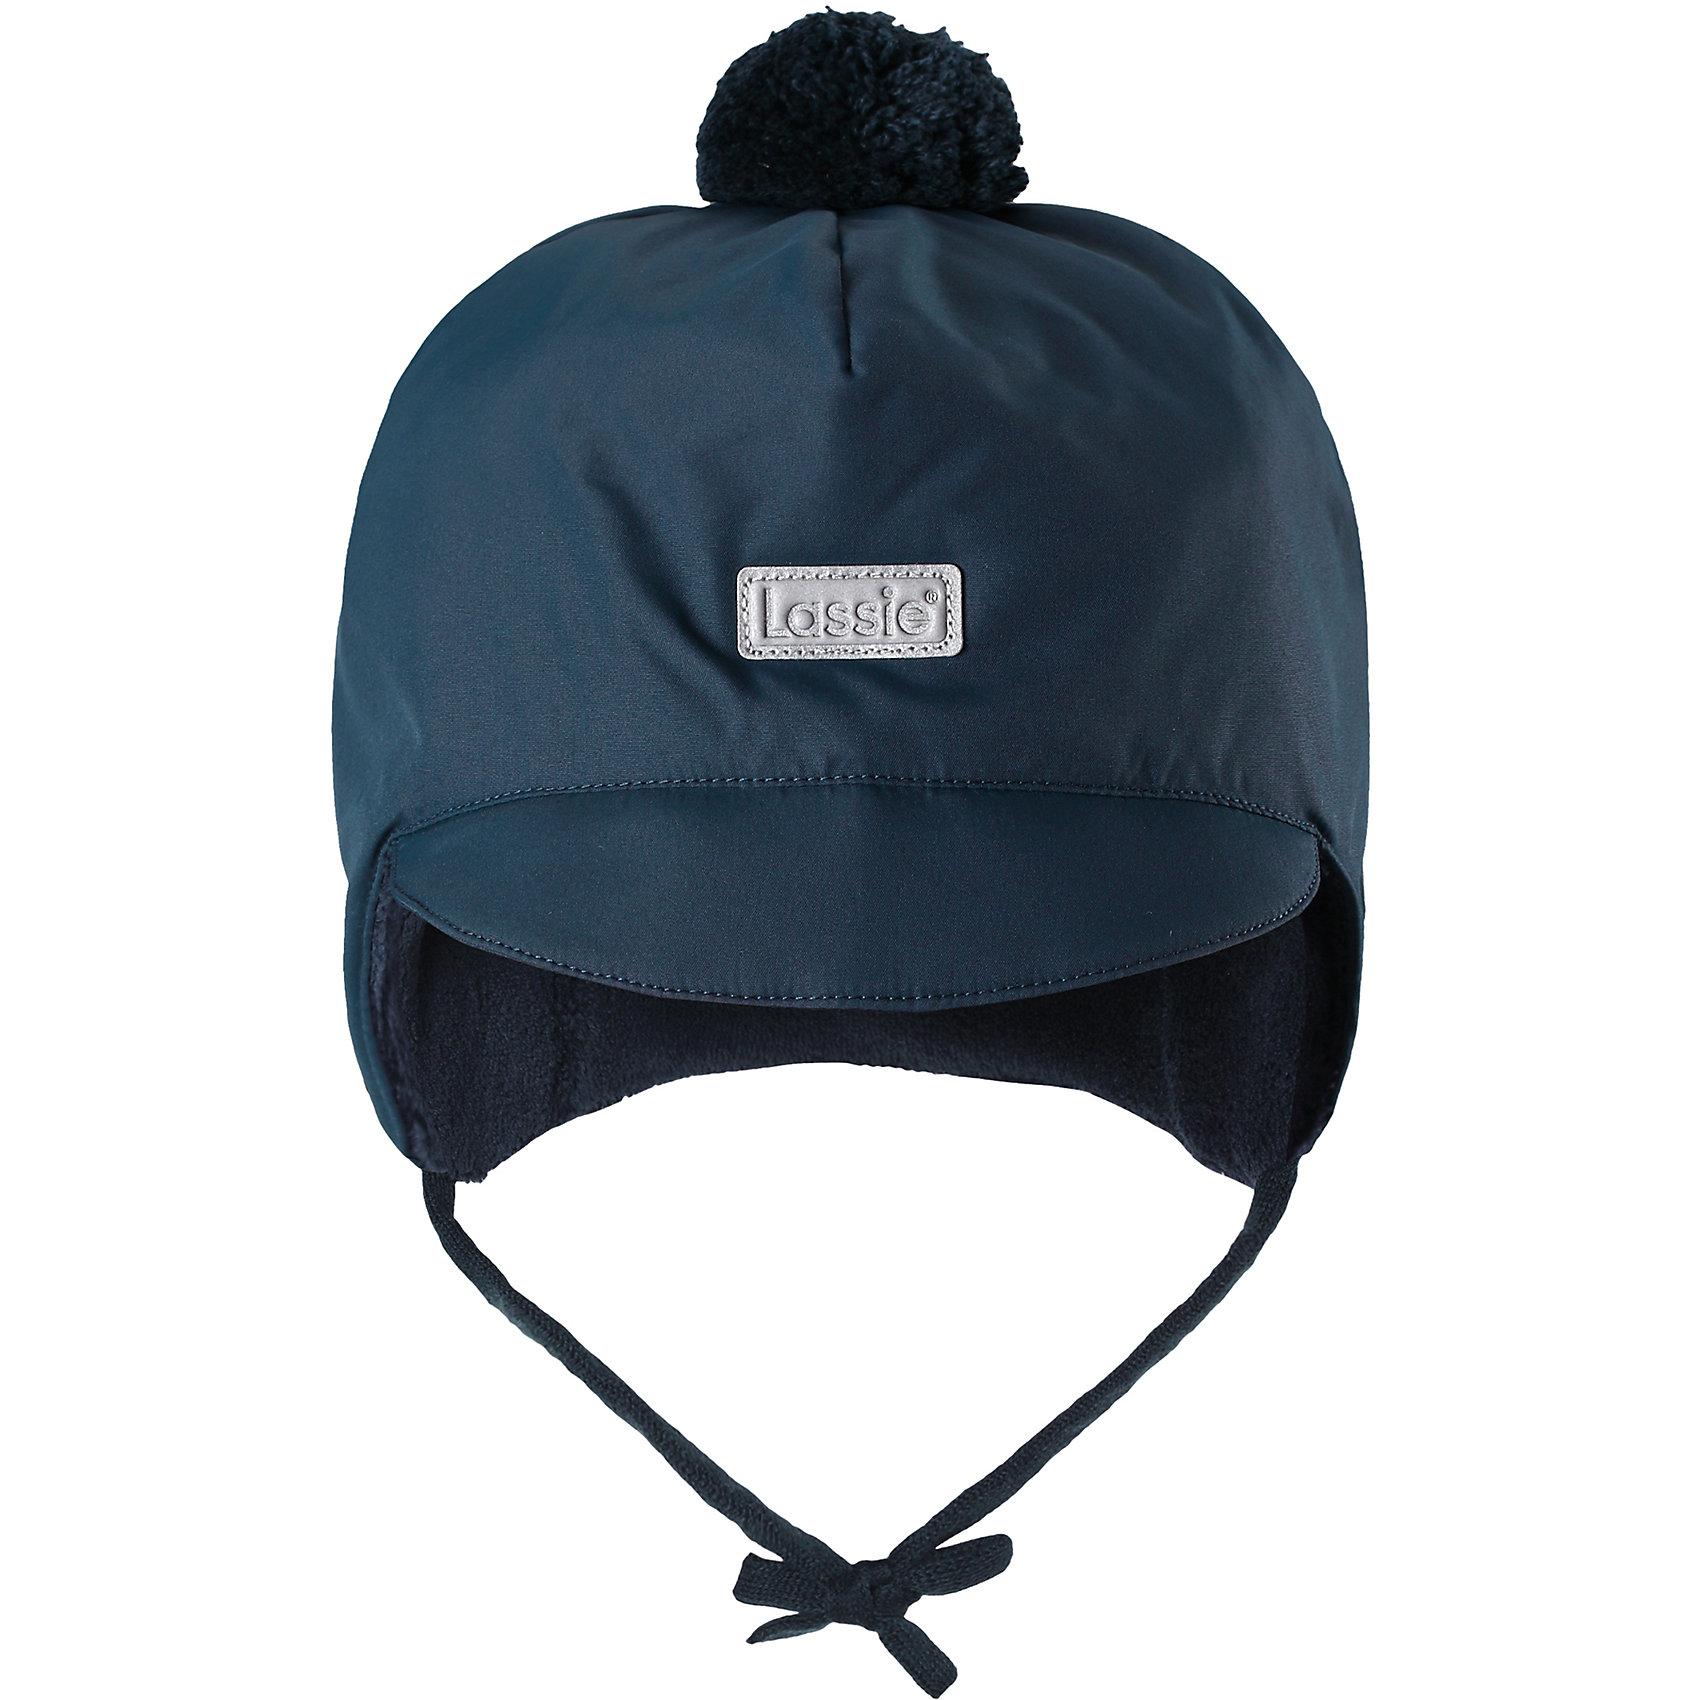 Шапка LassieШапки и шарфы<br>Готовы к веселым зимним прогулкам? Эта очень мягкая и теплая шапка для новорожденных – превосходный аксессуар для холодных зимних деньков. Ветронепроницаемые вставки в области ушей обеспечивают ушкам дополнительную защиту, а мягкая флисовая подкладка очень приятна на ощупь.<br>Состав:<br>100% Полиэстер<br><br>Ширина мм: 89<br>Глубина мм: 117<br>Высота мм: 44<br>Вес г: 155<br>Цвет: синий<br>Возраст от месяцев: 36<br>Возраст до месяцев: 72<br>Пол: Унисекс<br>Возраст: Детский<br>Размер: 42-44,44-46,46-48,50-52<br>SKU: 6905535